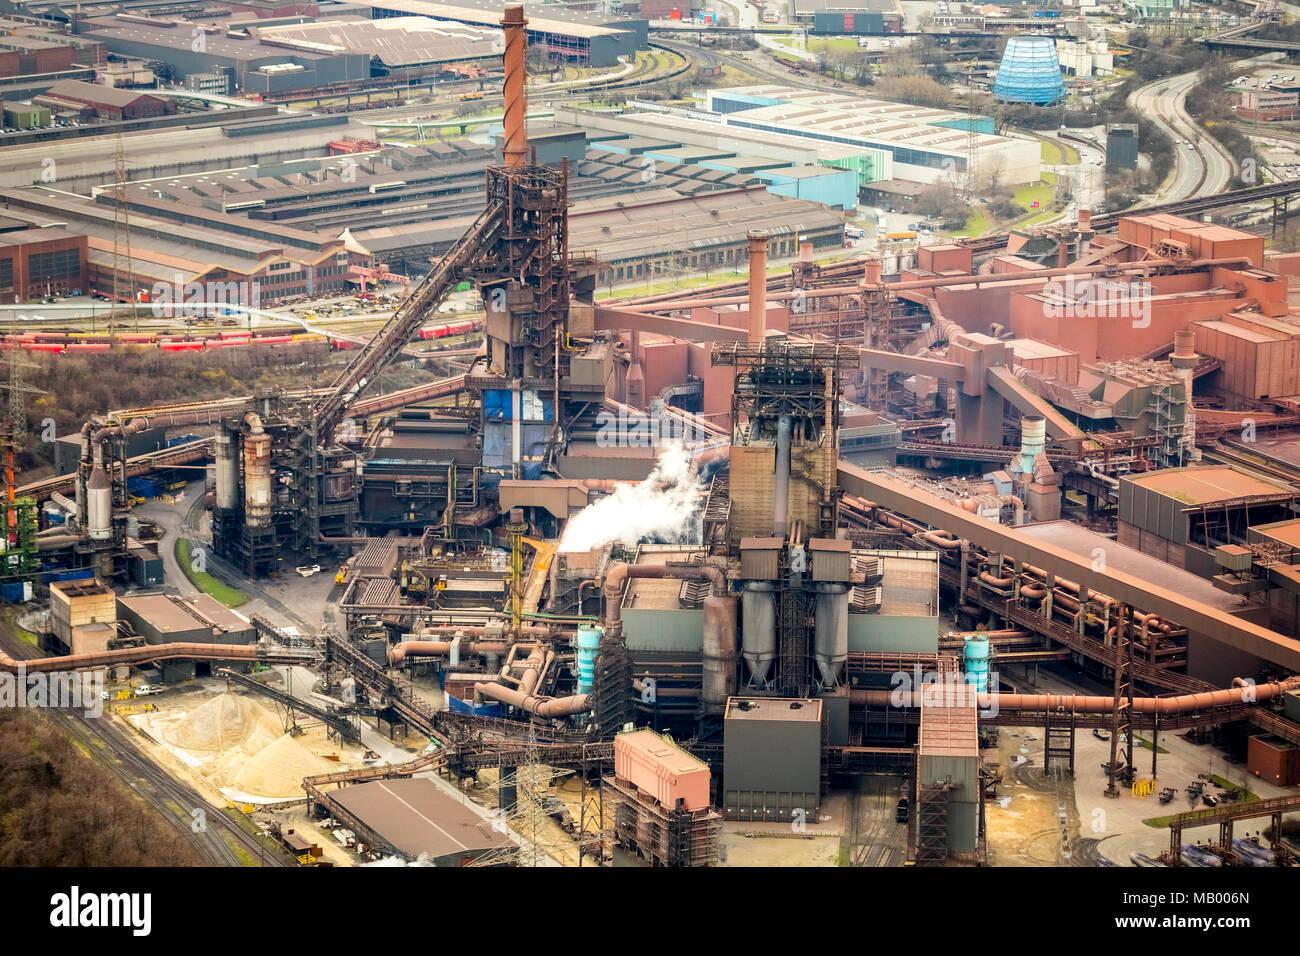 Krupp-Stahlwerk Schwelgern Thyssen, industrie de l'acier, Marxloh, Duisbourg, Rhénanie du Nord-Westphalie, Allemagne Photo Stock